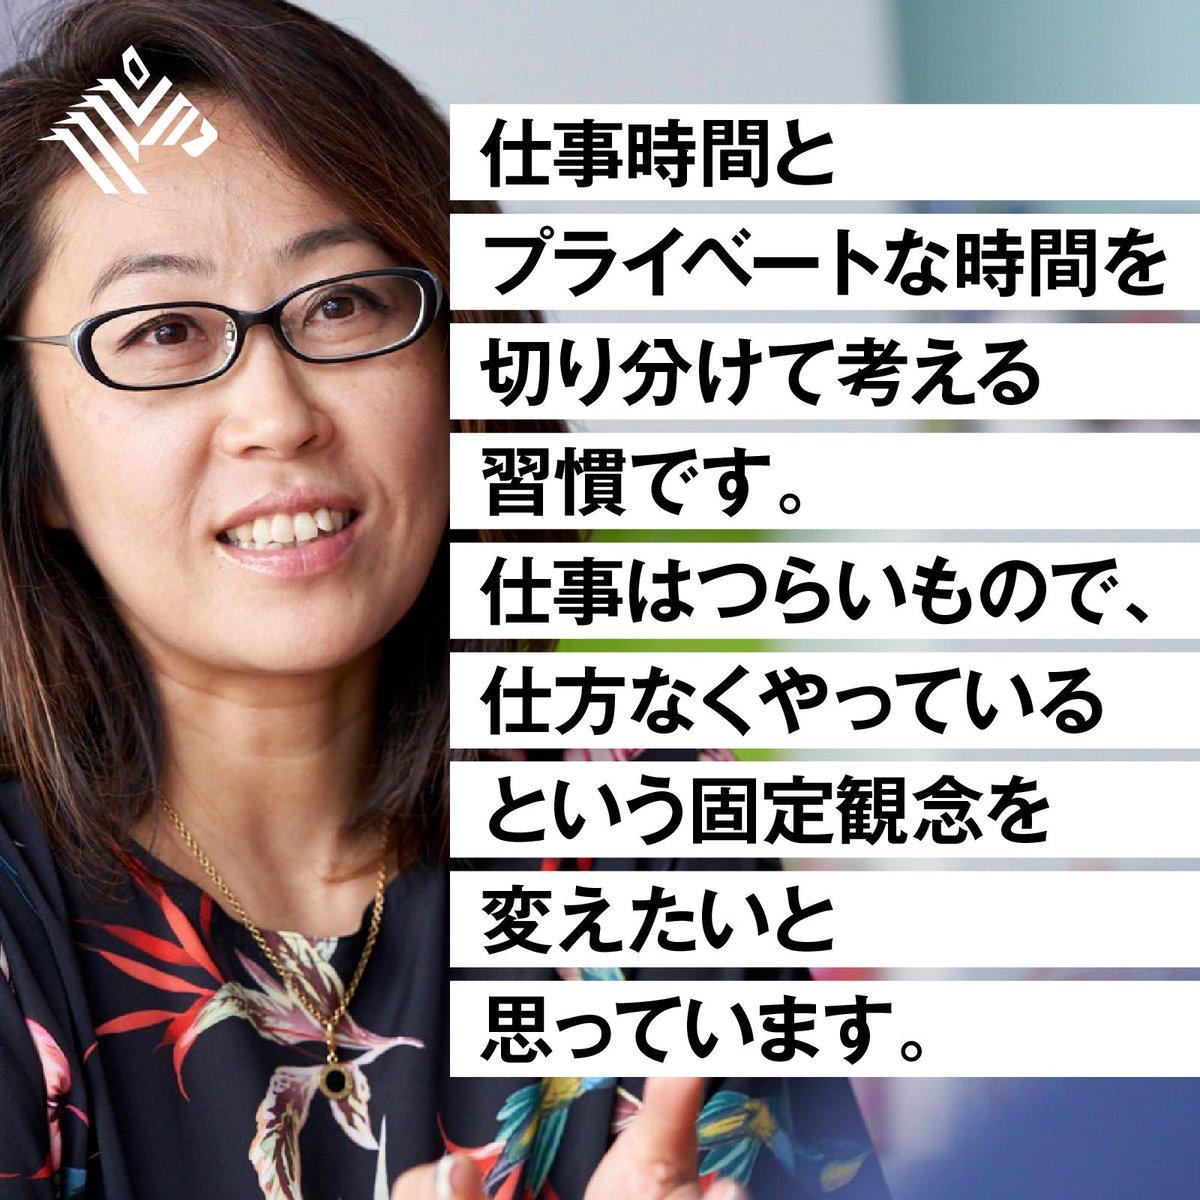 🎙今日の一言🎙「人は、夢中になれる仕事をやっている時ほど、生活と仕事が一体化していくものです」「自由に副業ができる場づくりを通じて、日本人の仕事に対する考え方を変えたい」と、ユニリーバ・ジャパン人事総務本部長・島田由香さんは考えます。全文を読む👉